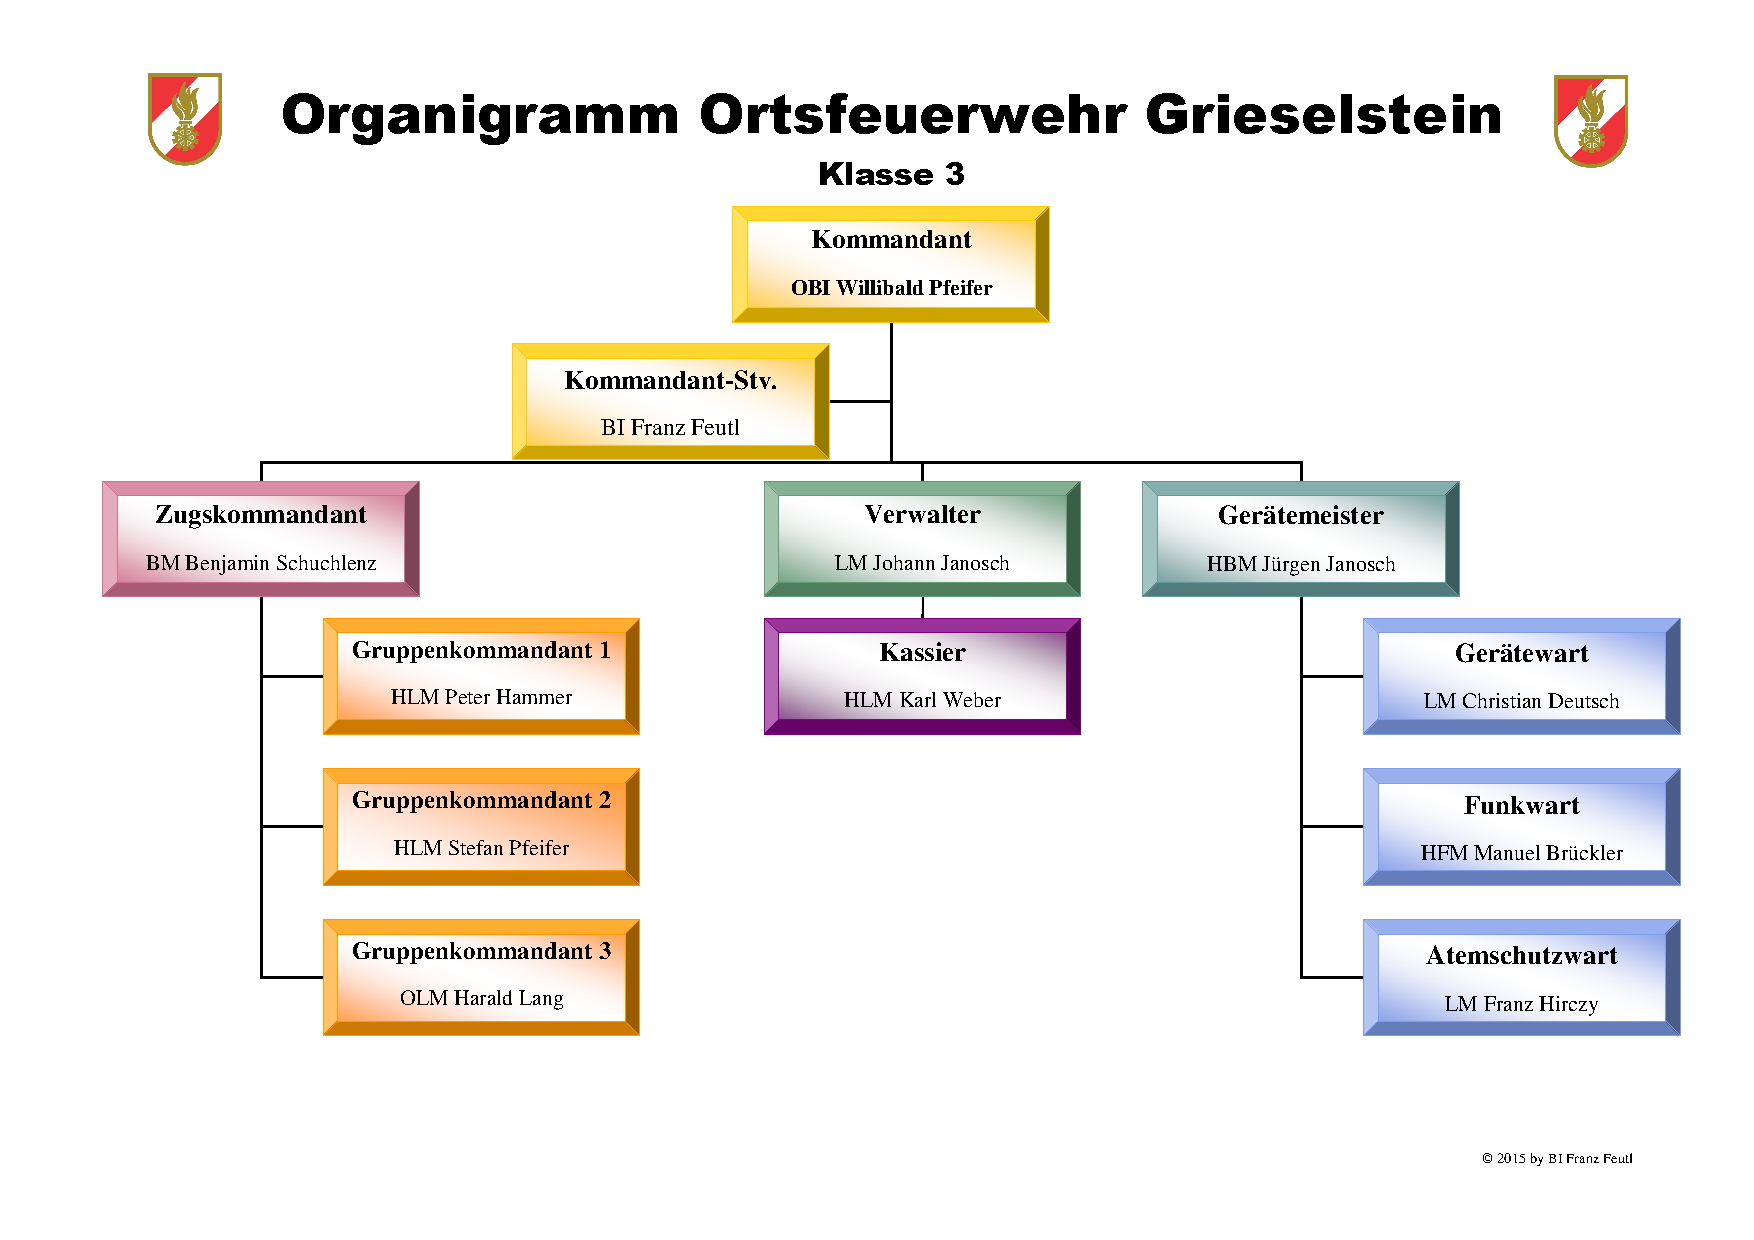 ff_grieselstein_organigramm_2015